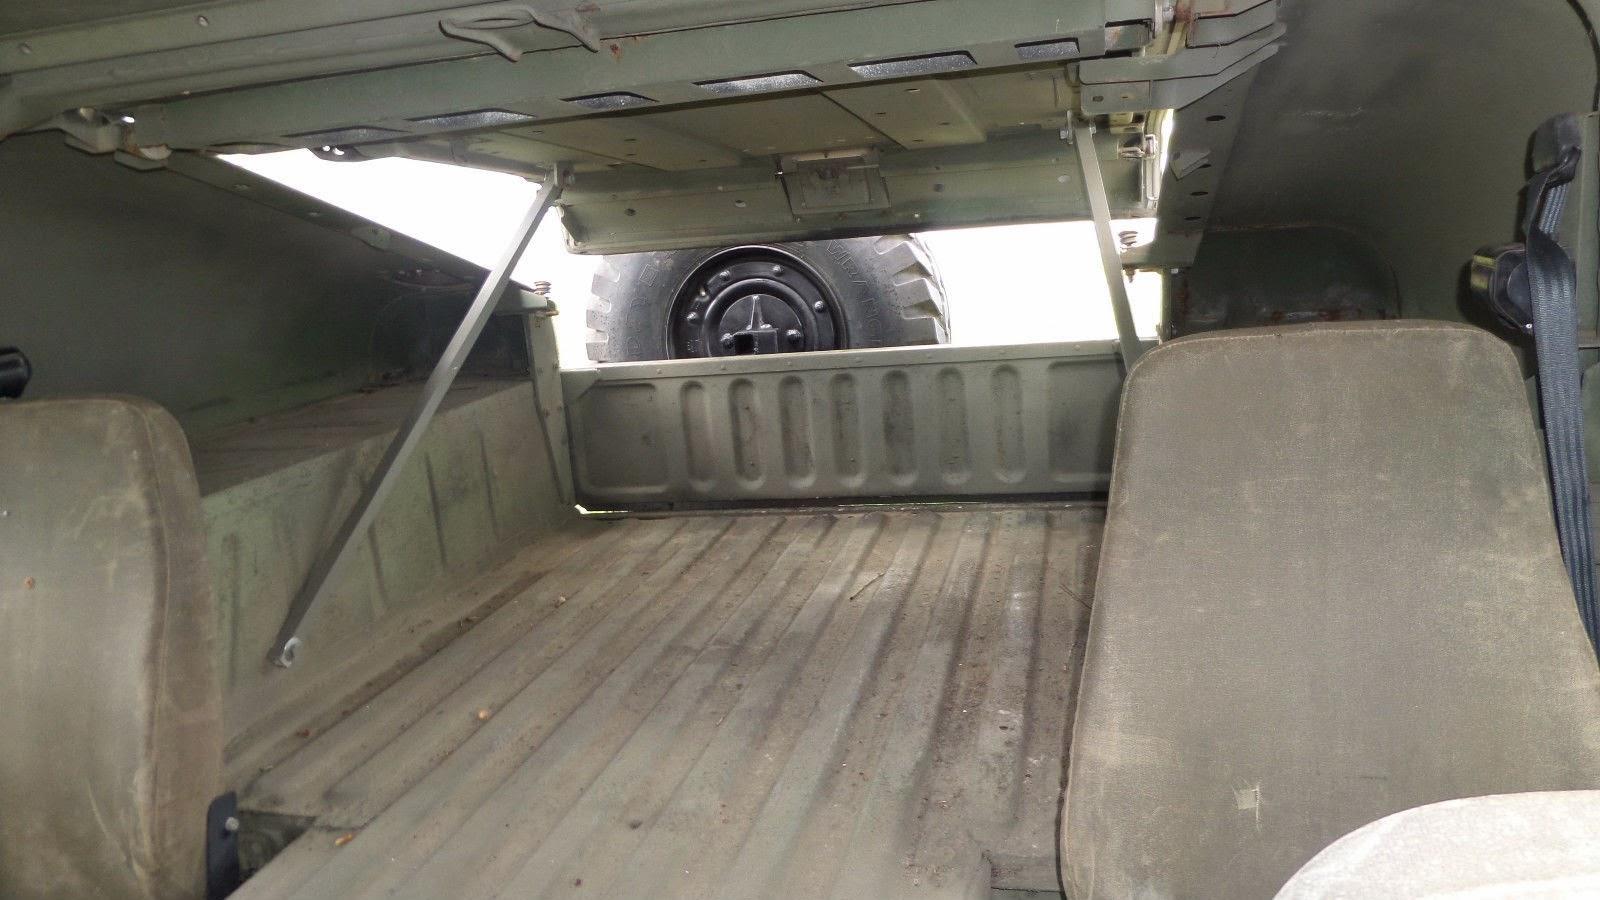 Subaru Diesel Usa >> 1986 American General Humvee Slant Back - 4x4 Cars